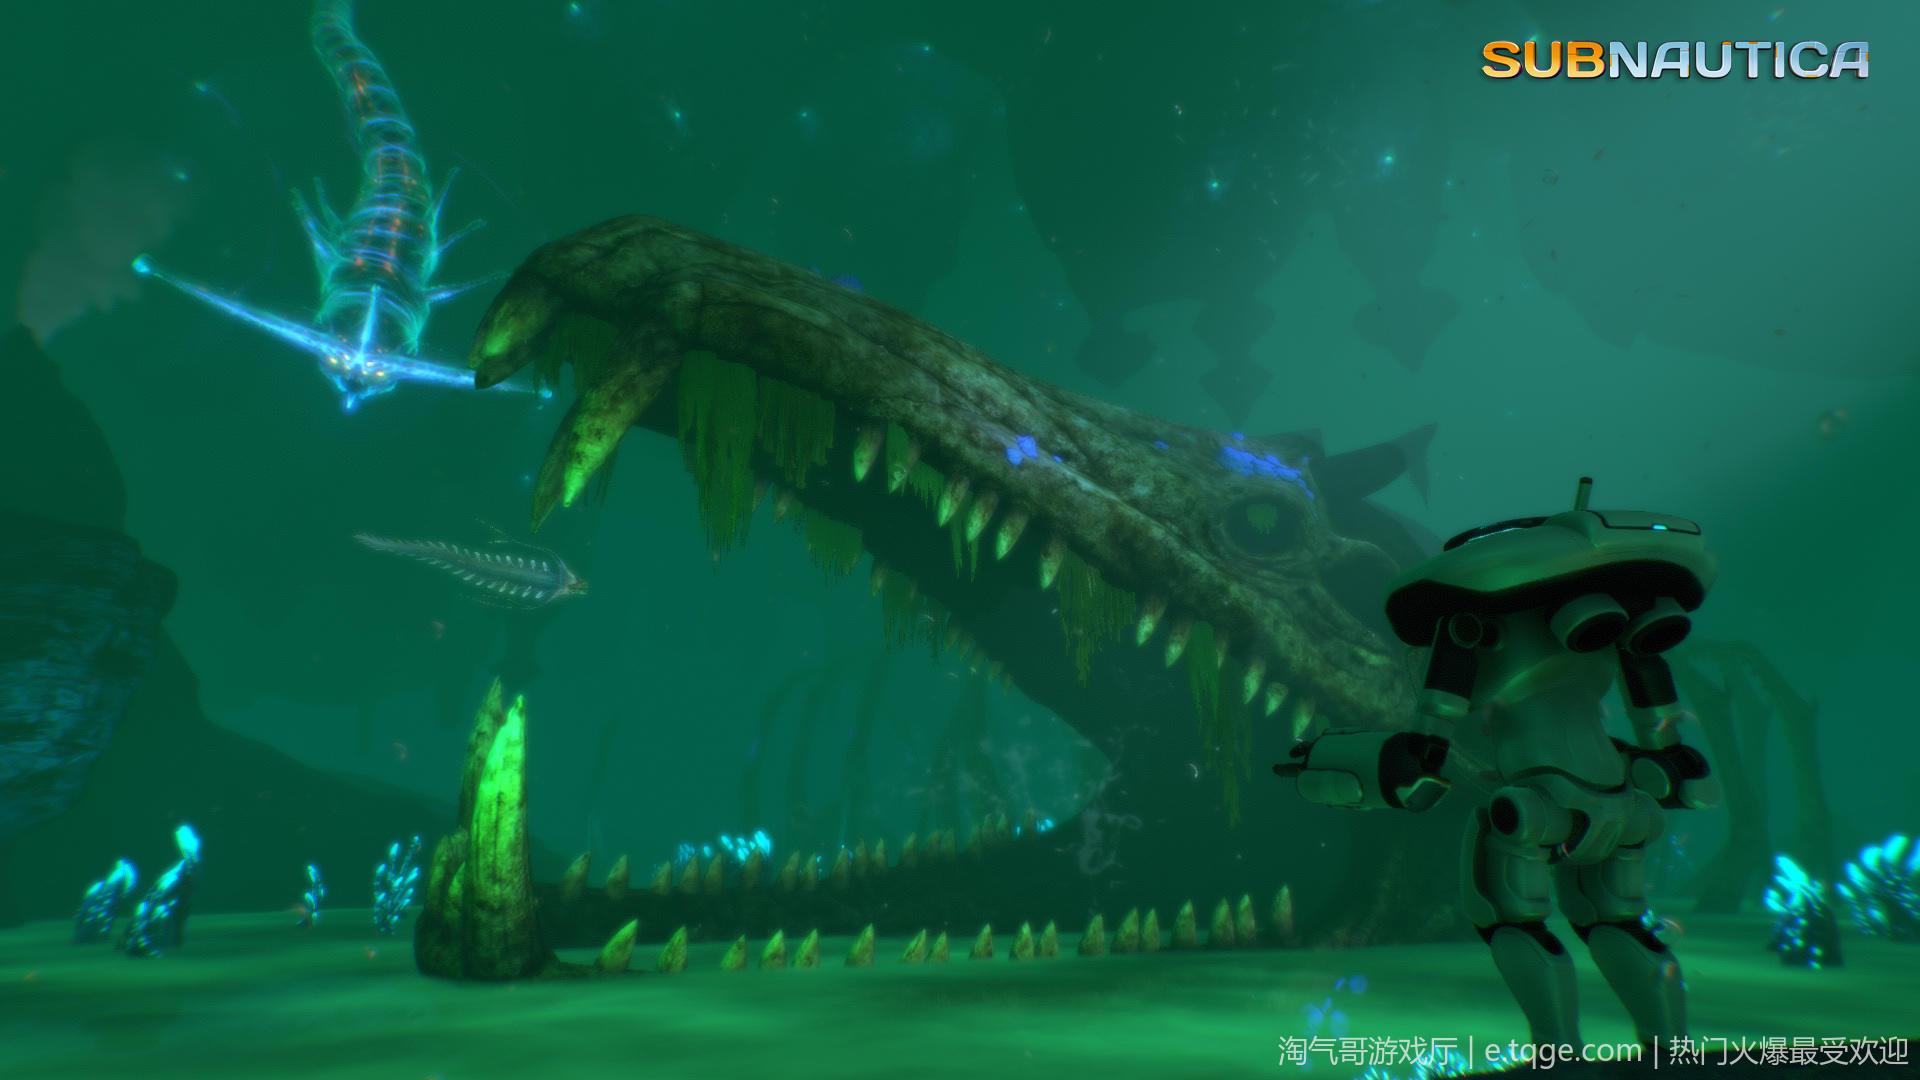 深海迷航/水下之旅/美丽水世界 动作冒险 第10张